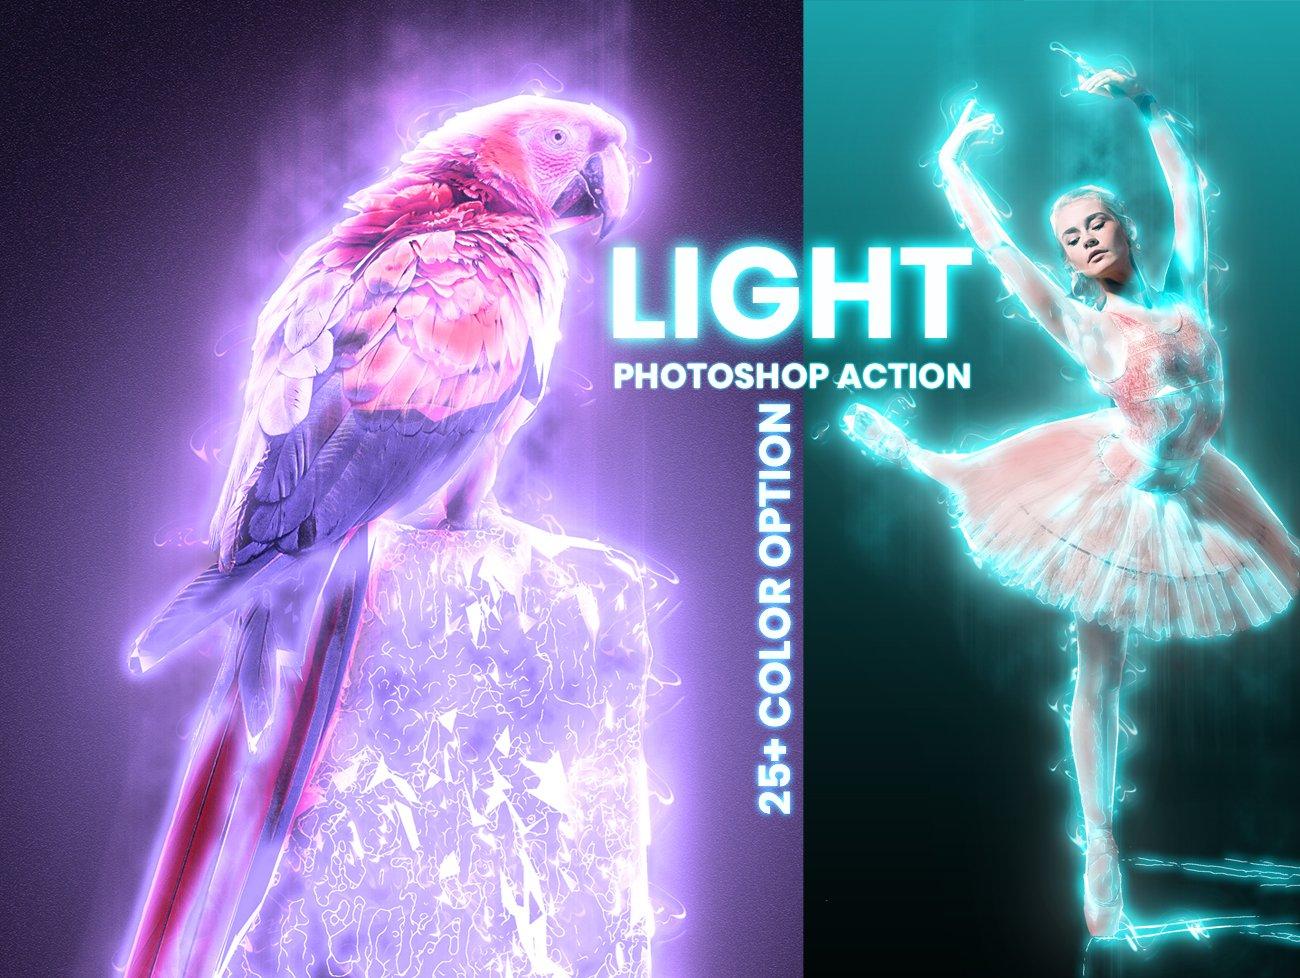 超炫能力发光效果照片处理特效PS动作素材 Light Photoshop Action插图